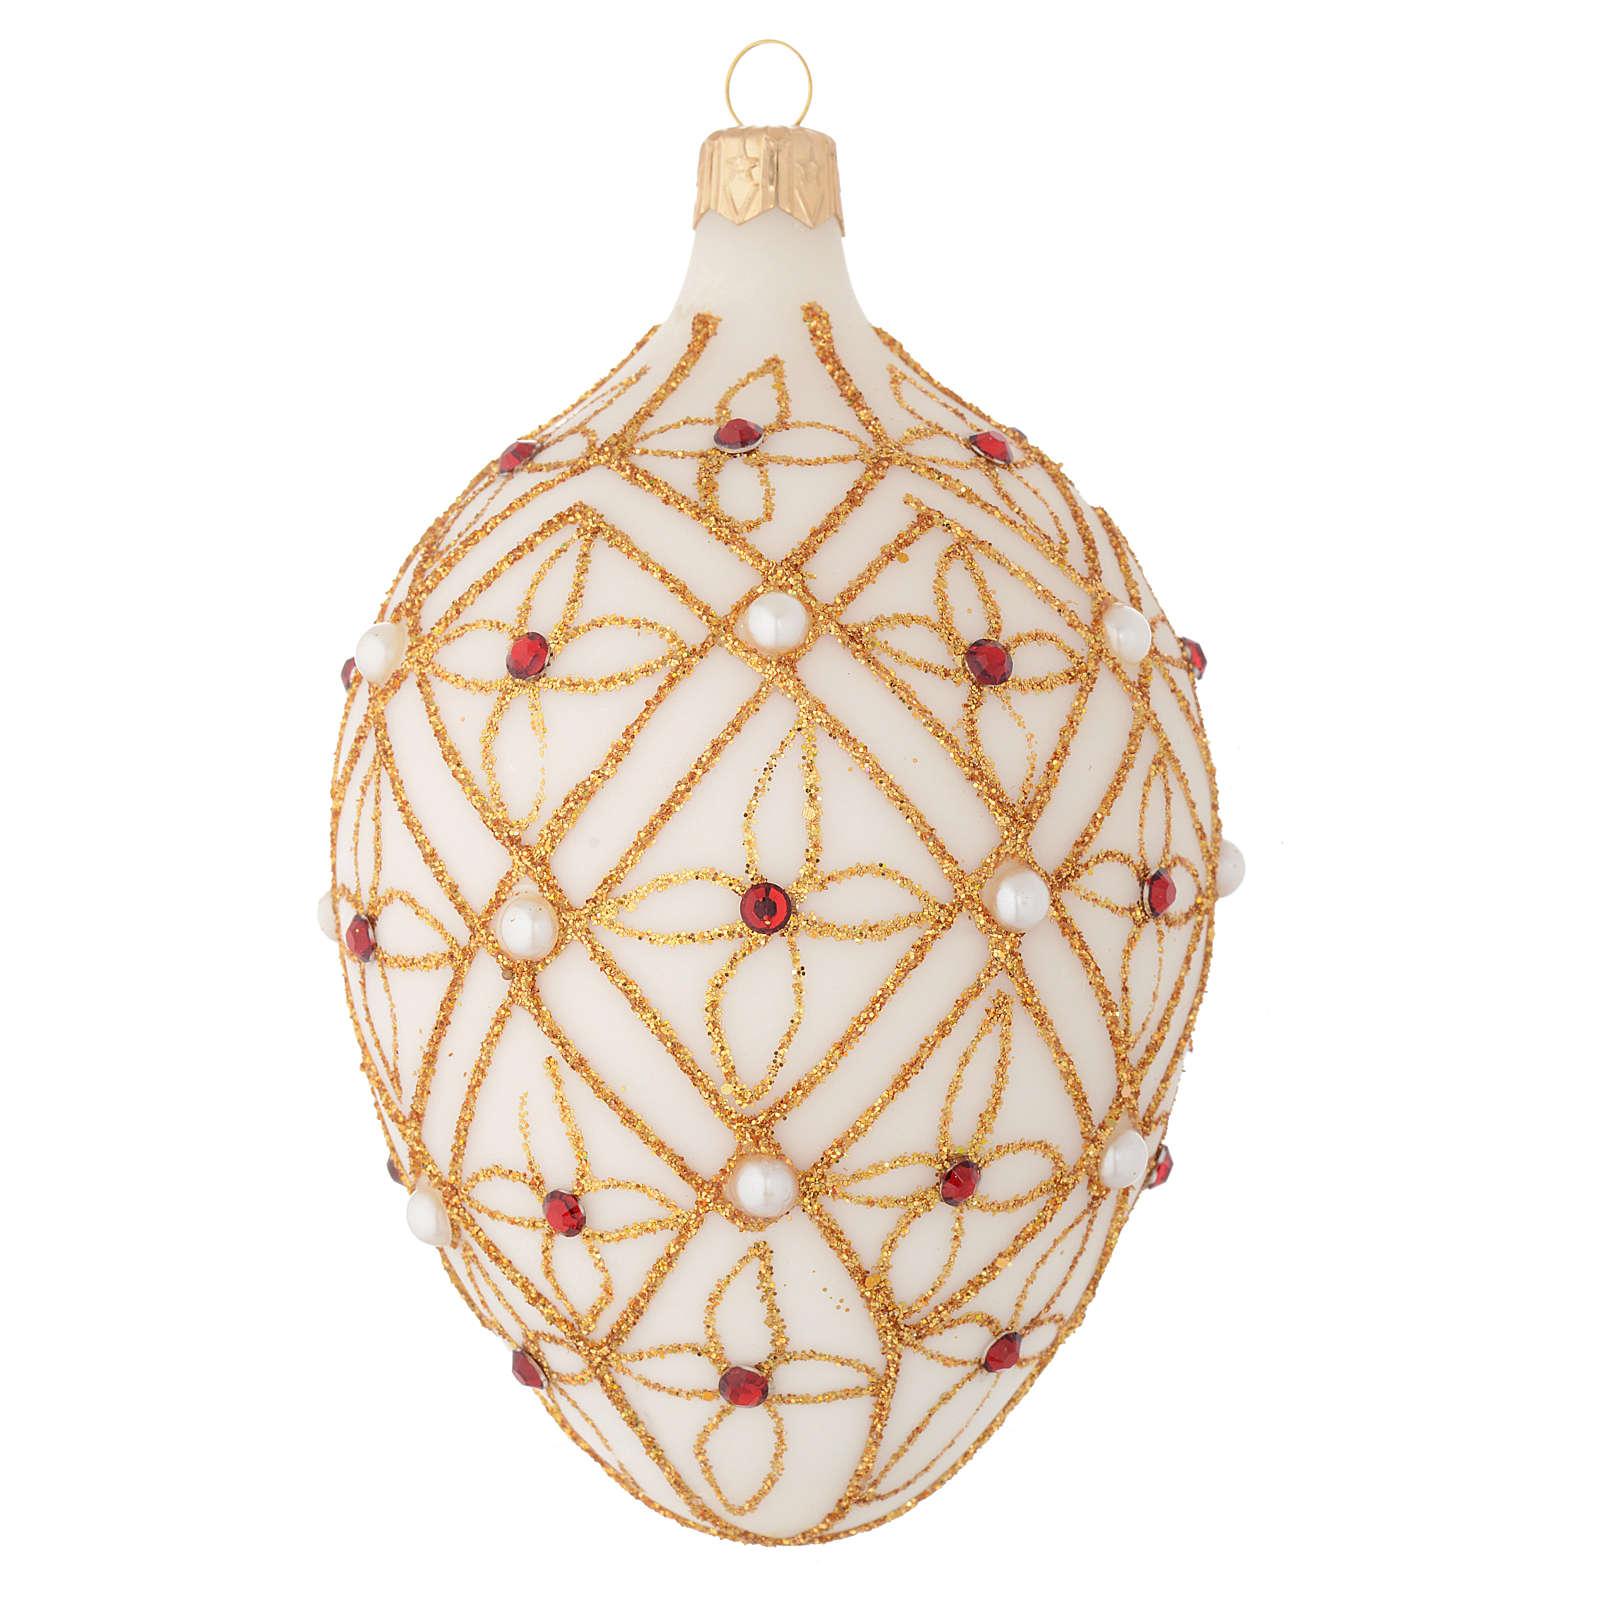 Palla ovale vetro soffiato avorio decoro oro e rosso 130 mm 4